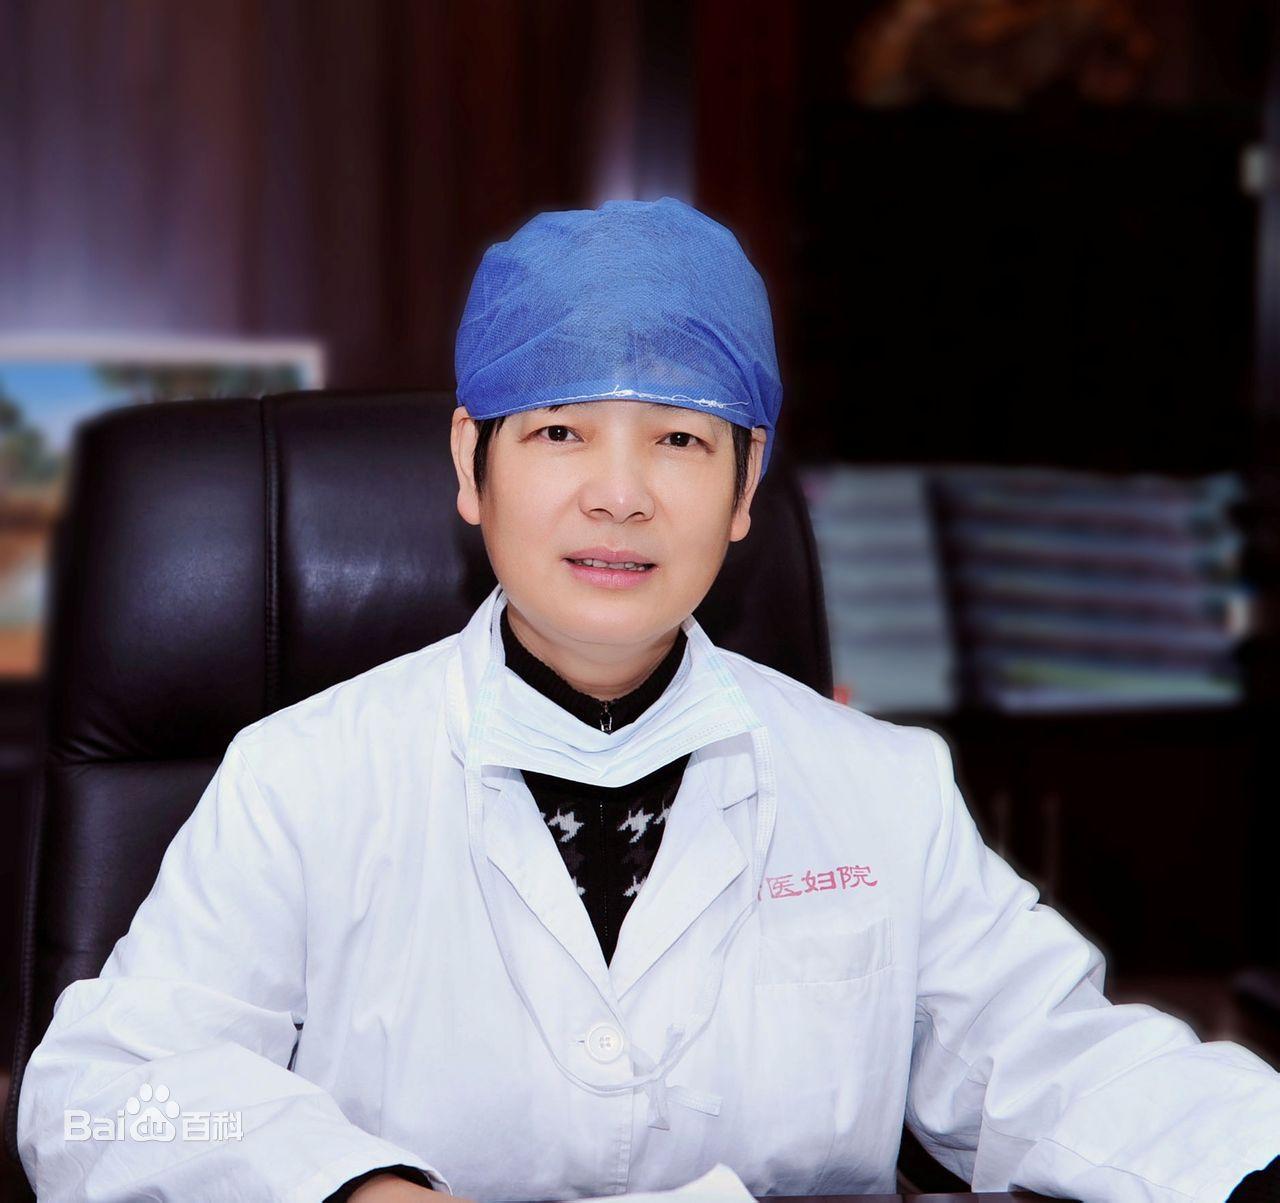 上海交通大学附属上海国际和平妇幼保健院院长黄荷凤照片